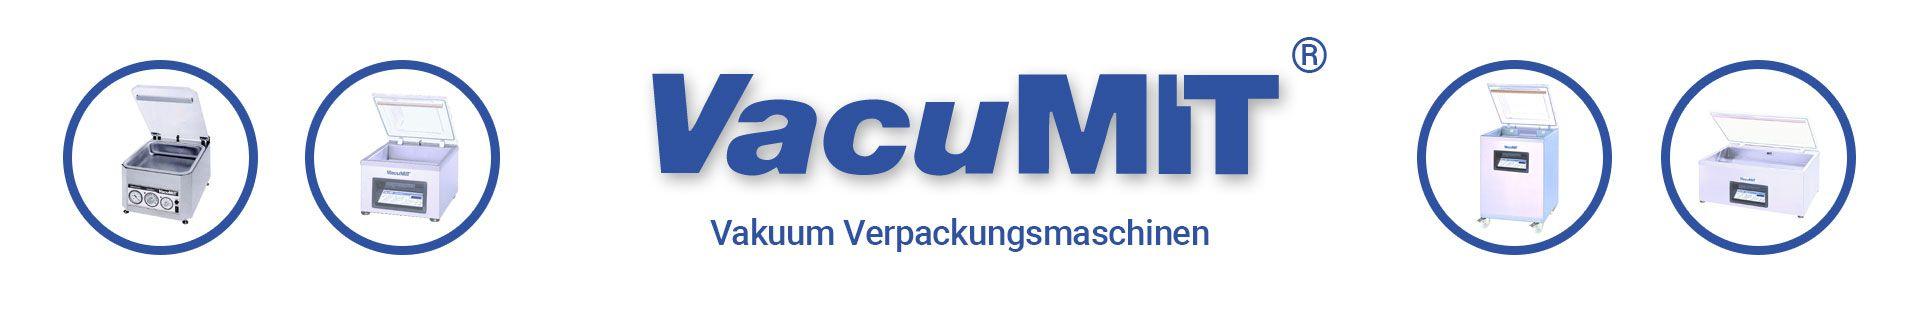 Vakumit bei Gastrodax.de